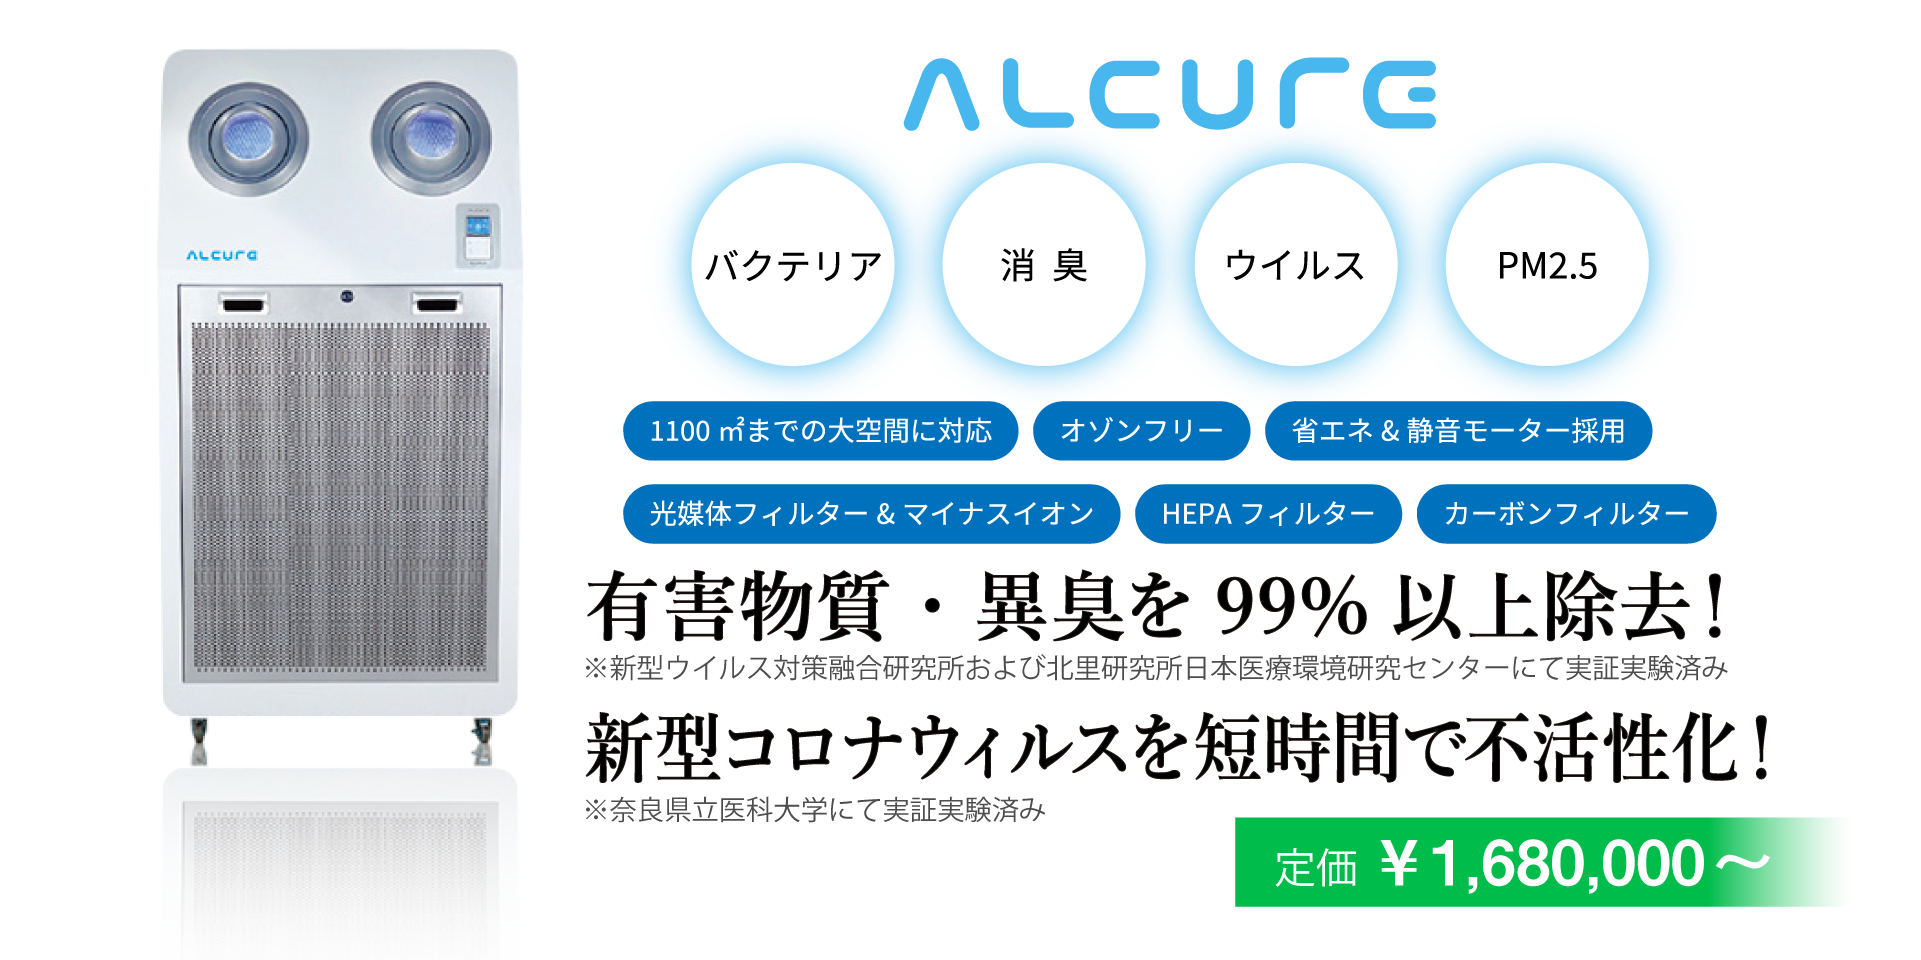 光触媒抗菌空気清浄機 ALCURE